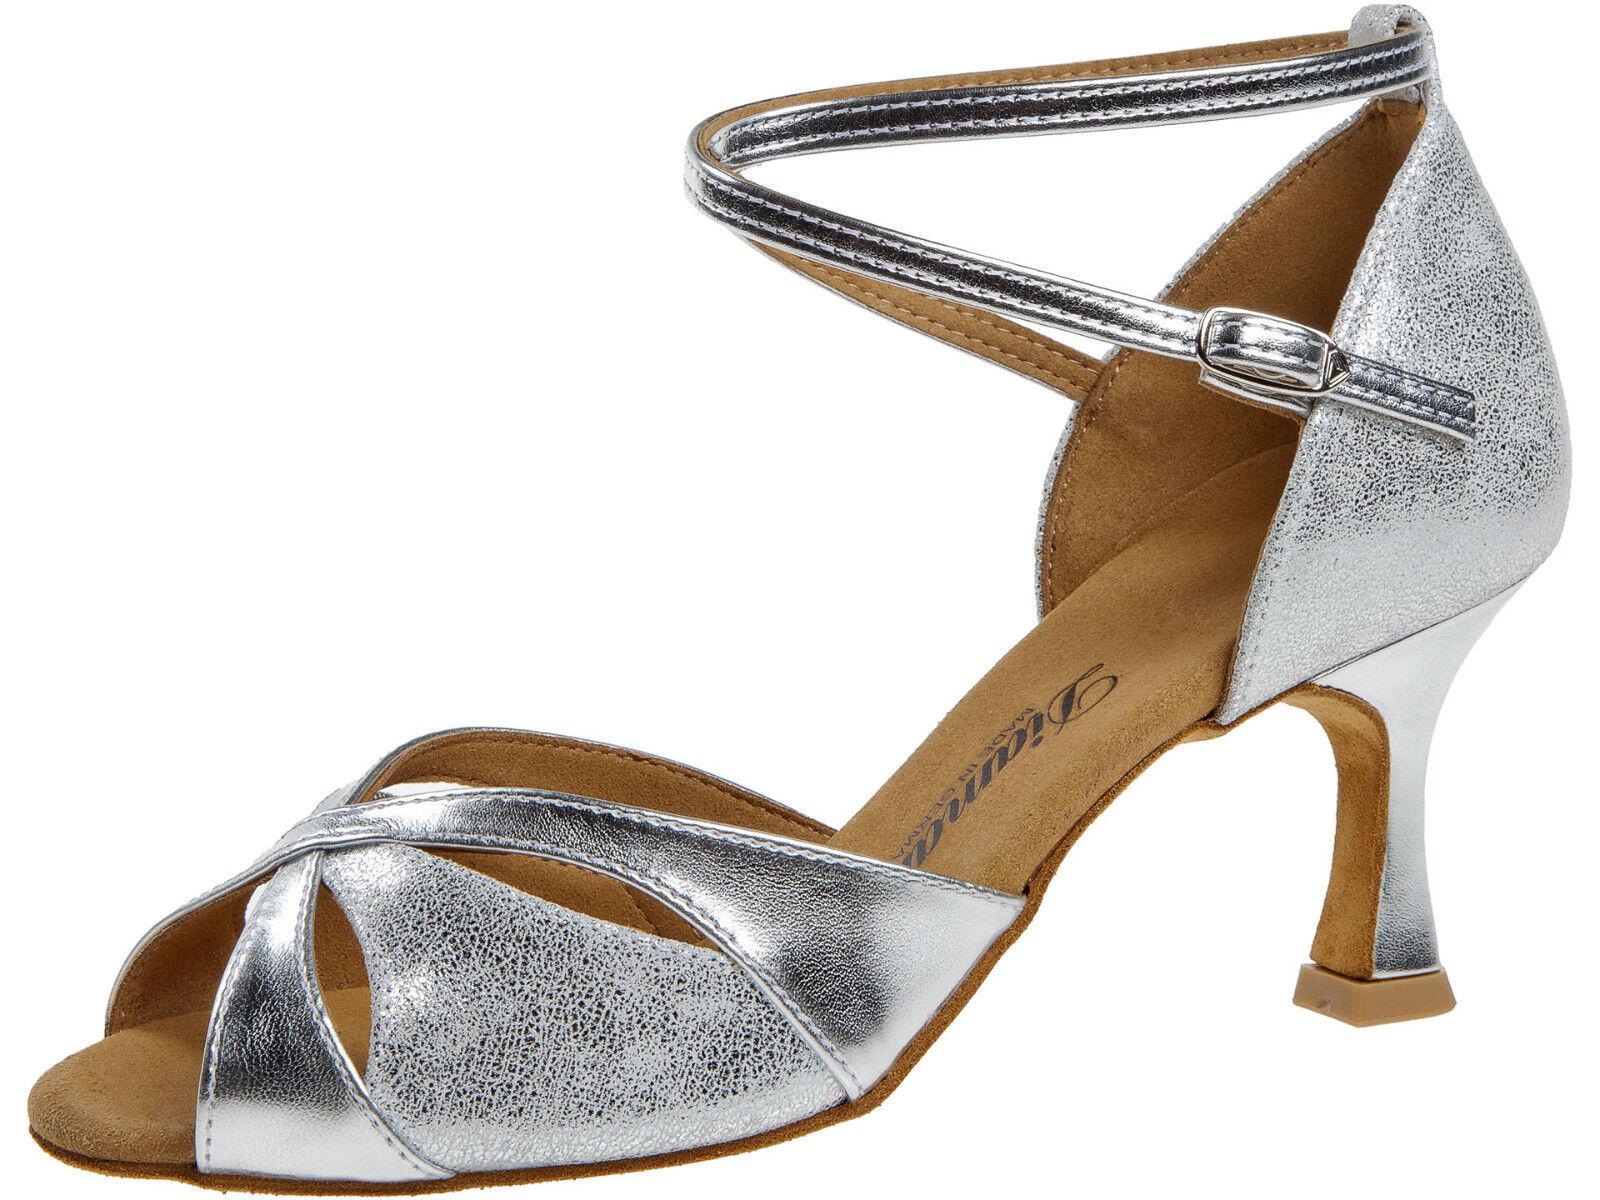 Diamant 141-087-463 Tanzschuhe Damen silber Ballschuhe - Absatz 6 6 6 5 cm 23d17c